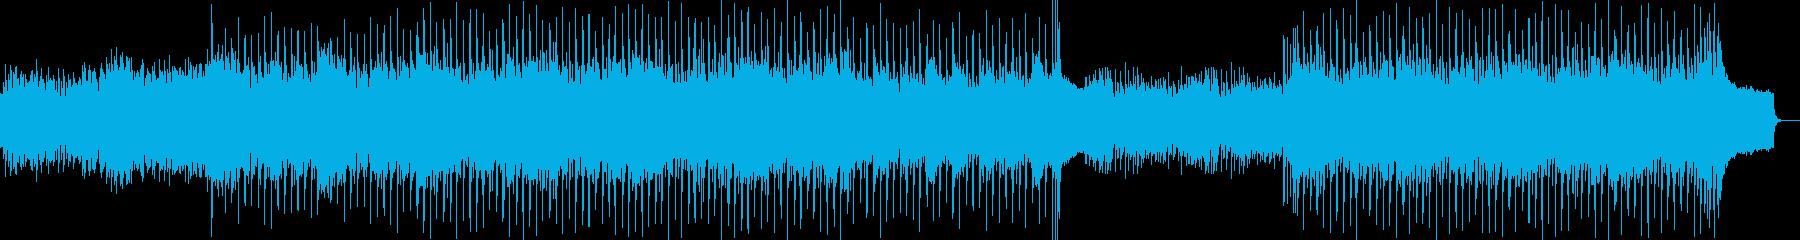 躍動的、始まりを感じさせるギターポップスの再生済みの波形